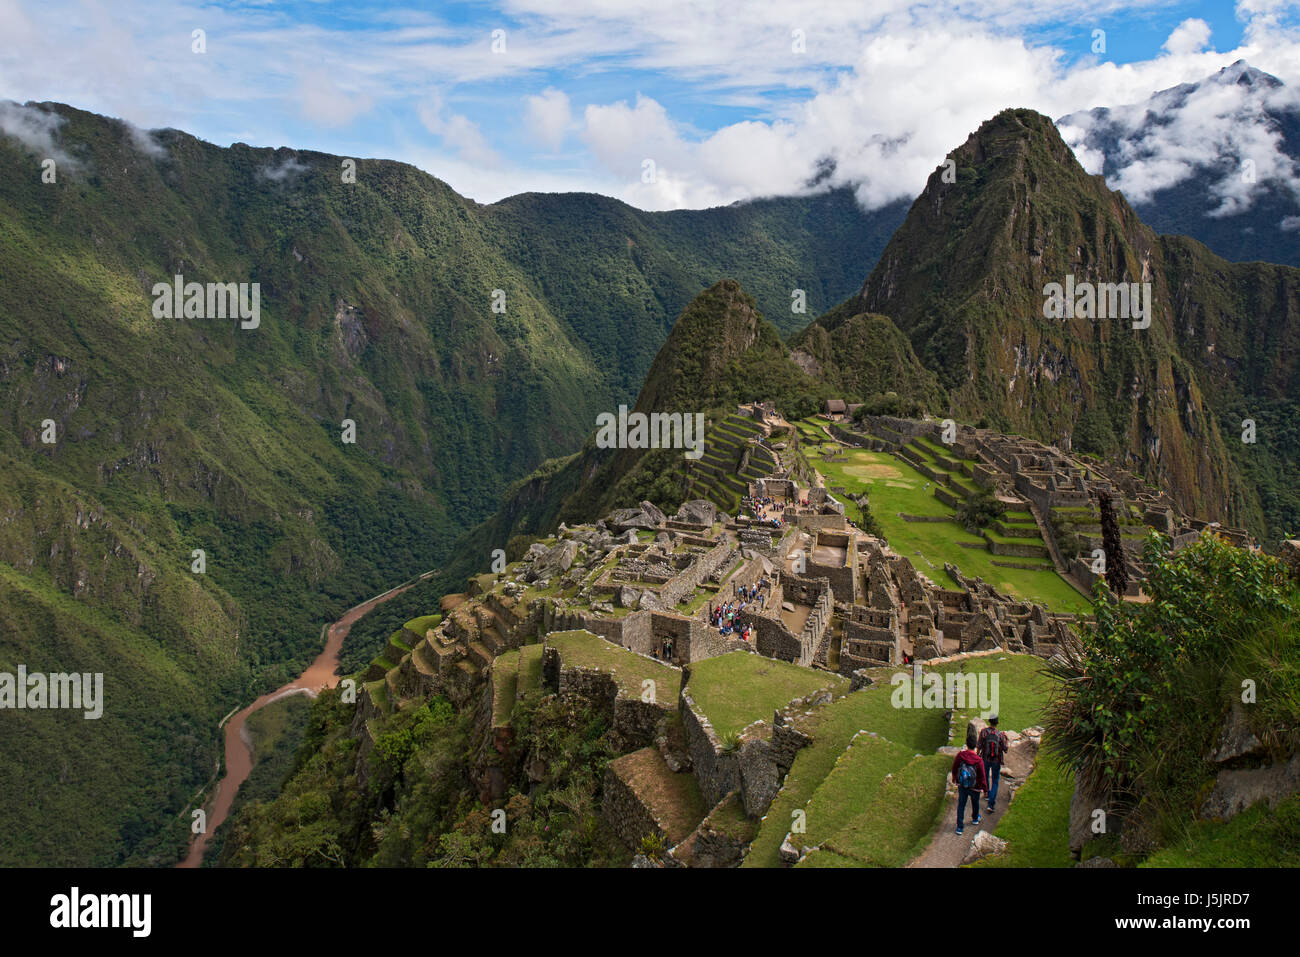 The ruins of Machu Picchu, Peru - Stock Image